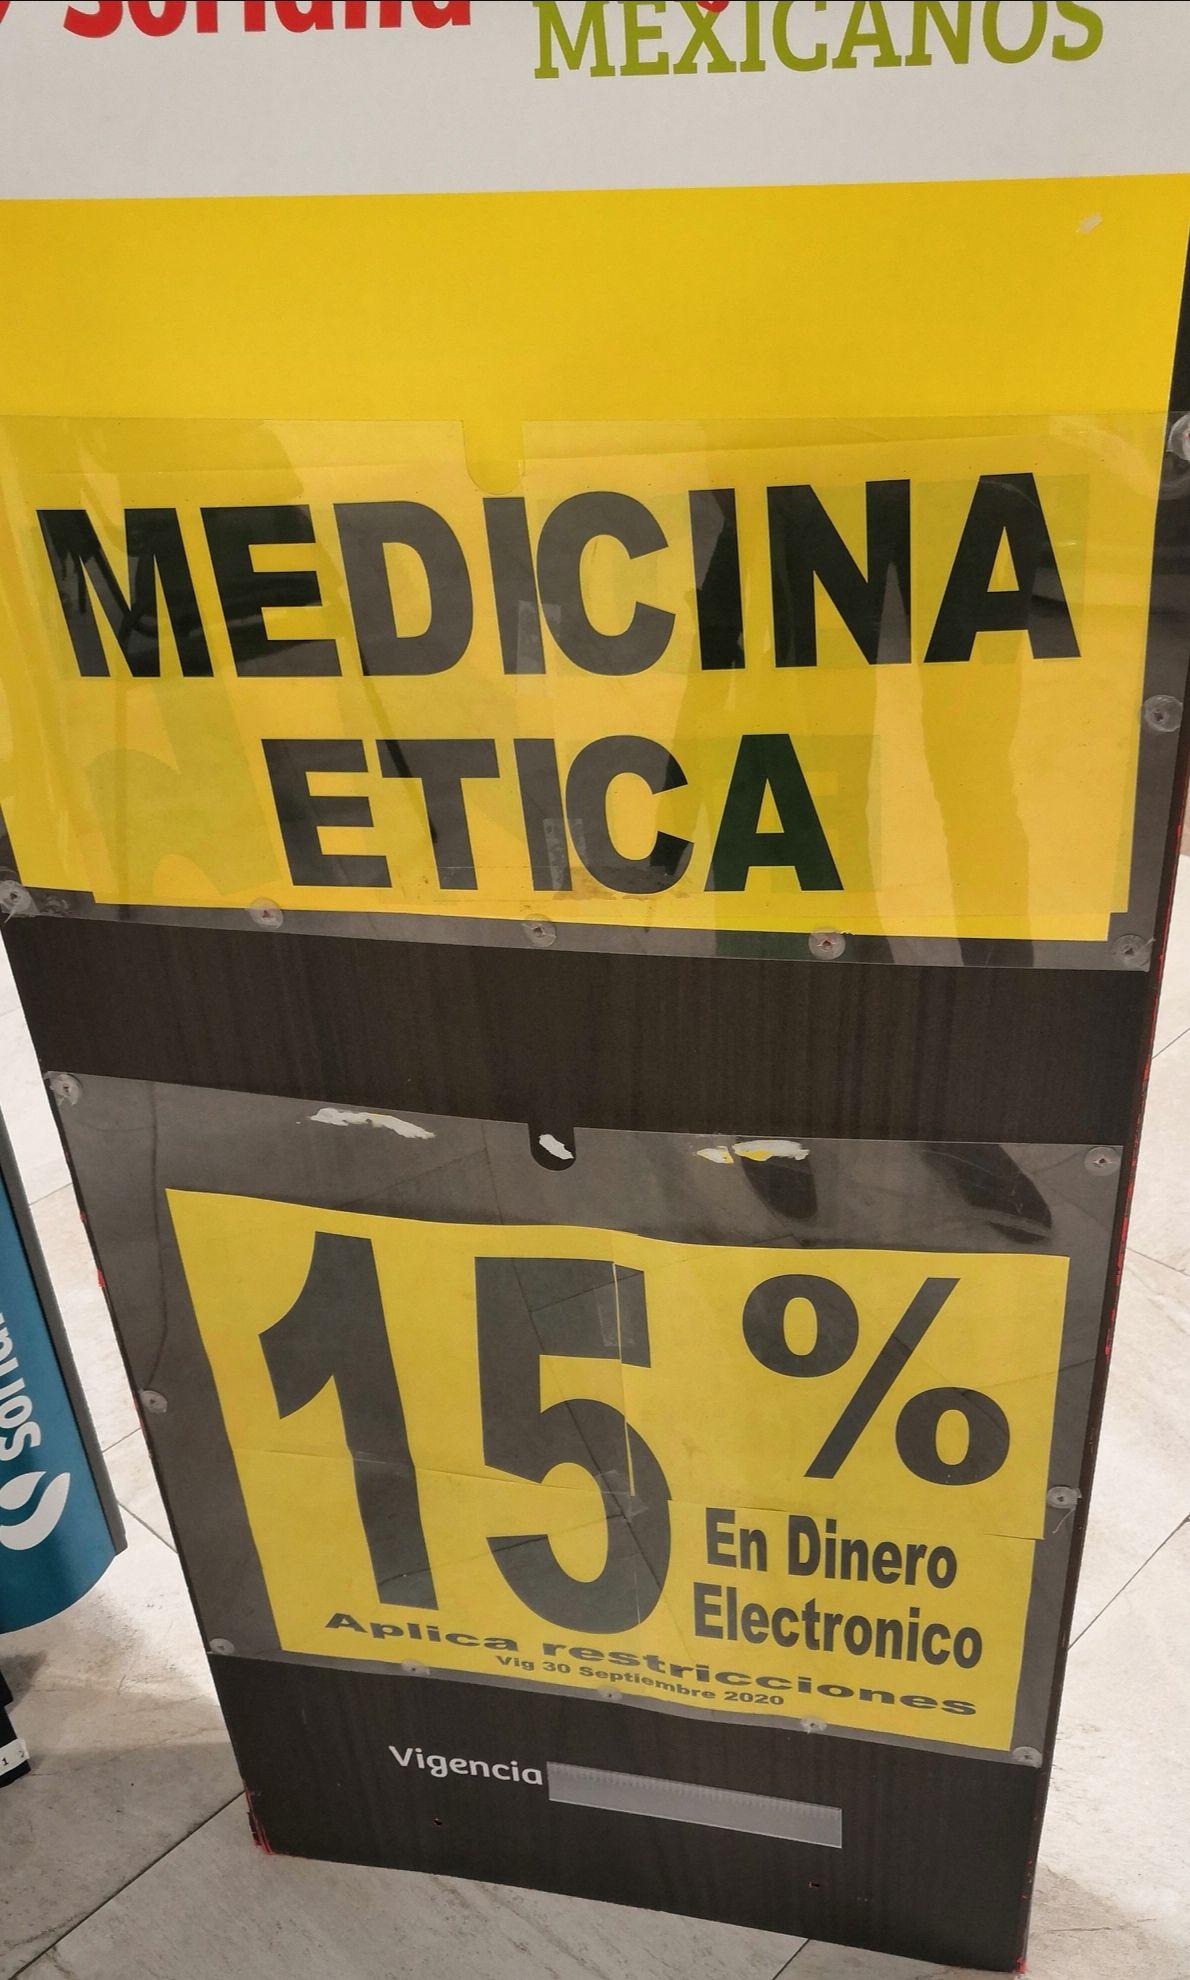 Soriana Híper: 15% en dinero Electrónico en medicina ética